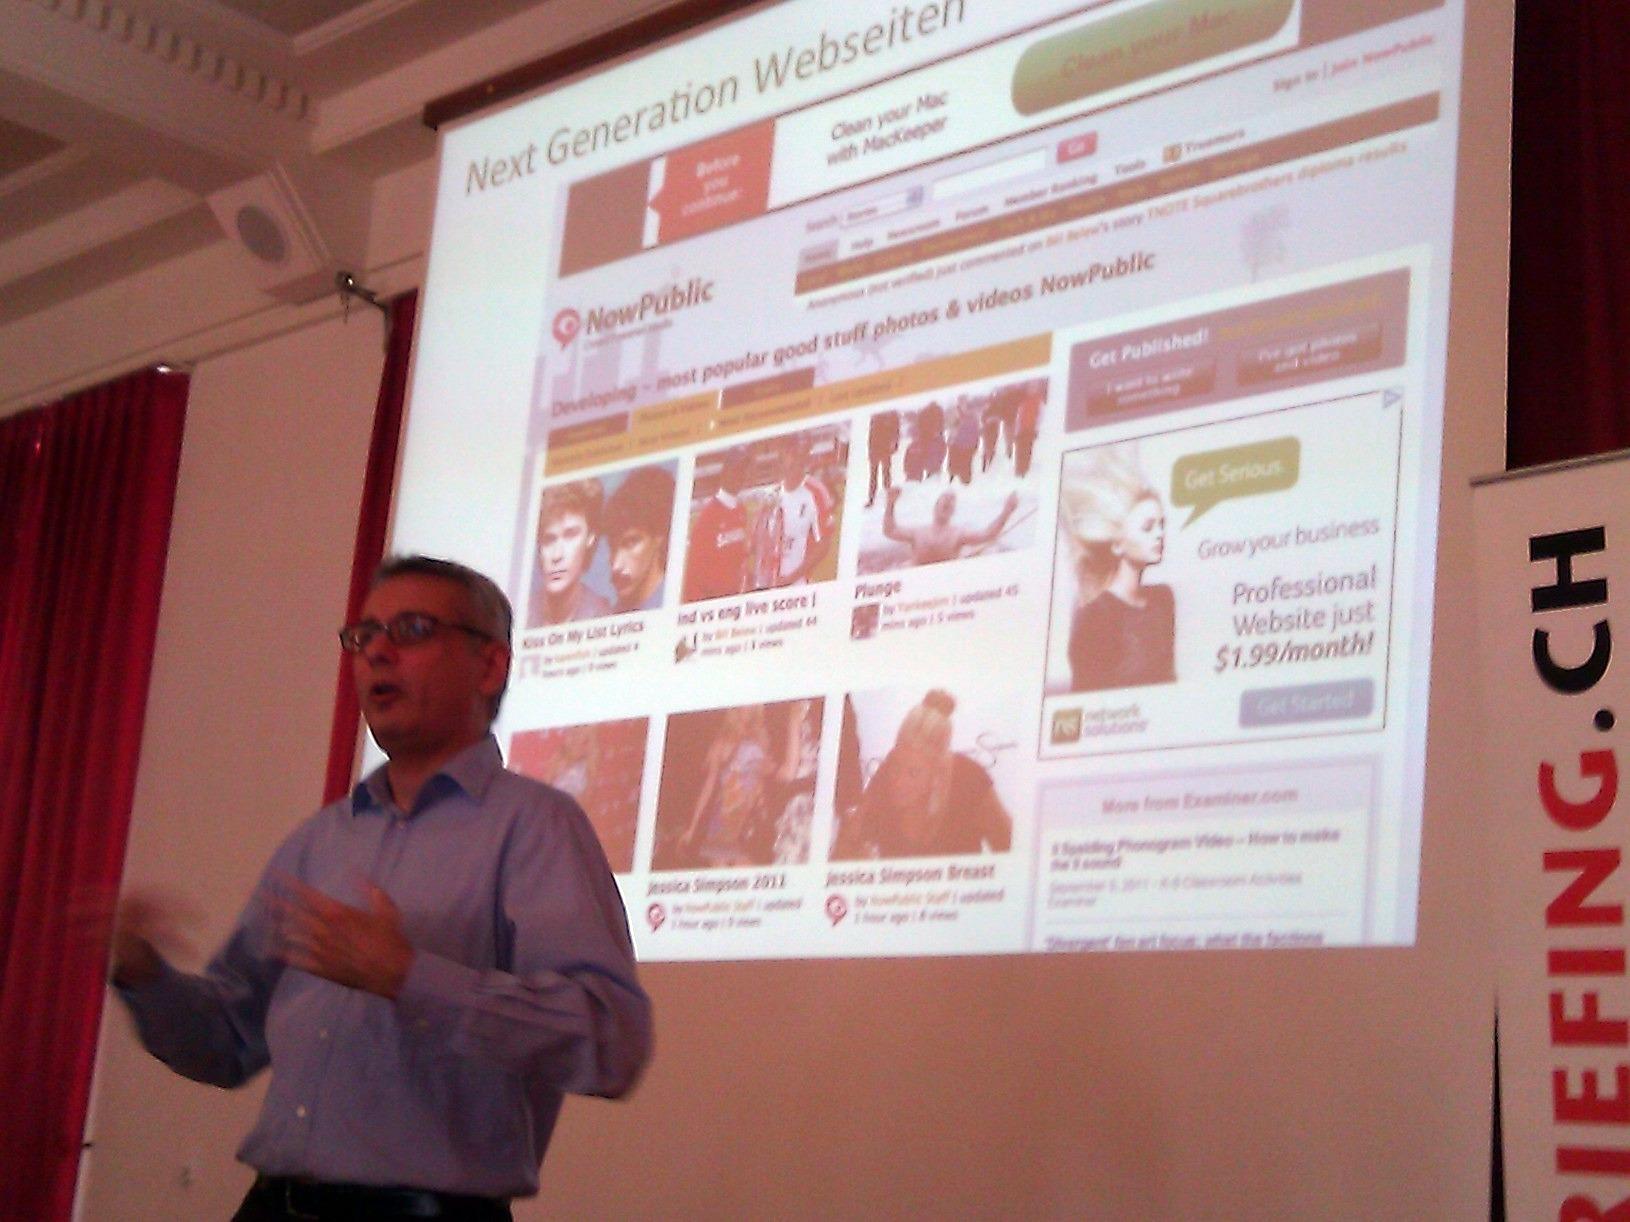 Next-Generation-Website-Beispiel Now-Public Prodosh-Banerjee von Anolim